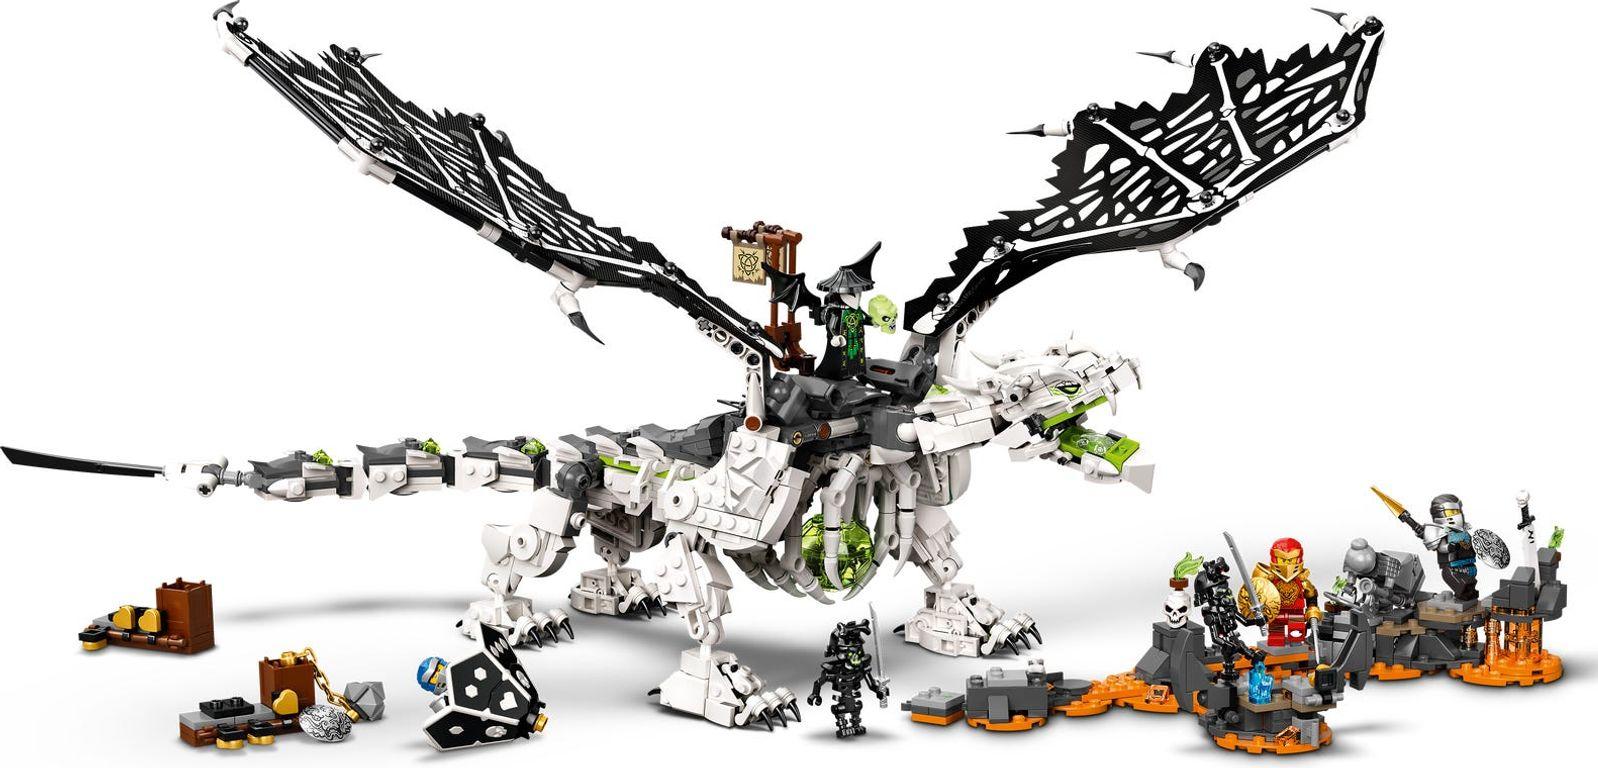 Skull Sorcerer's Dragon gameplay